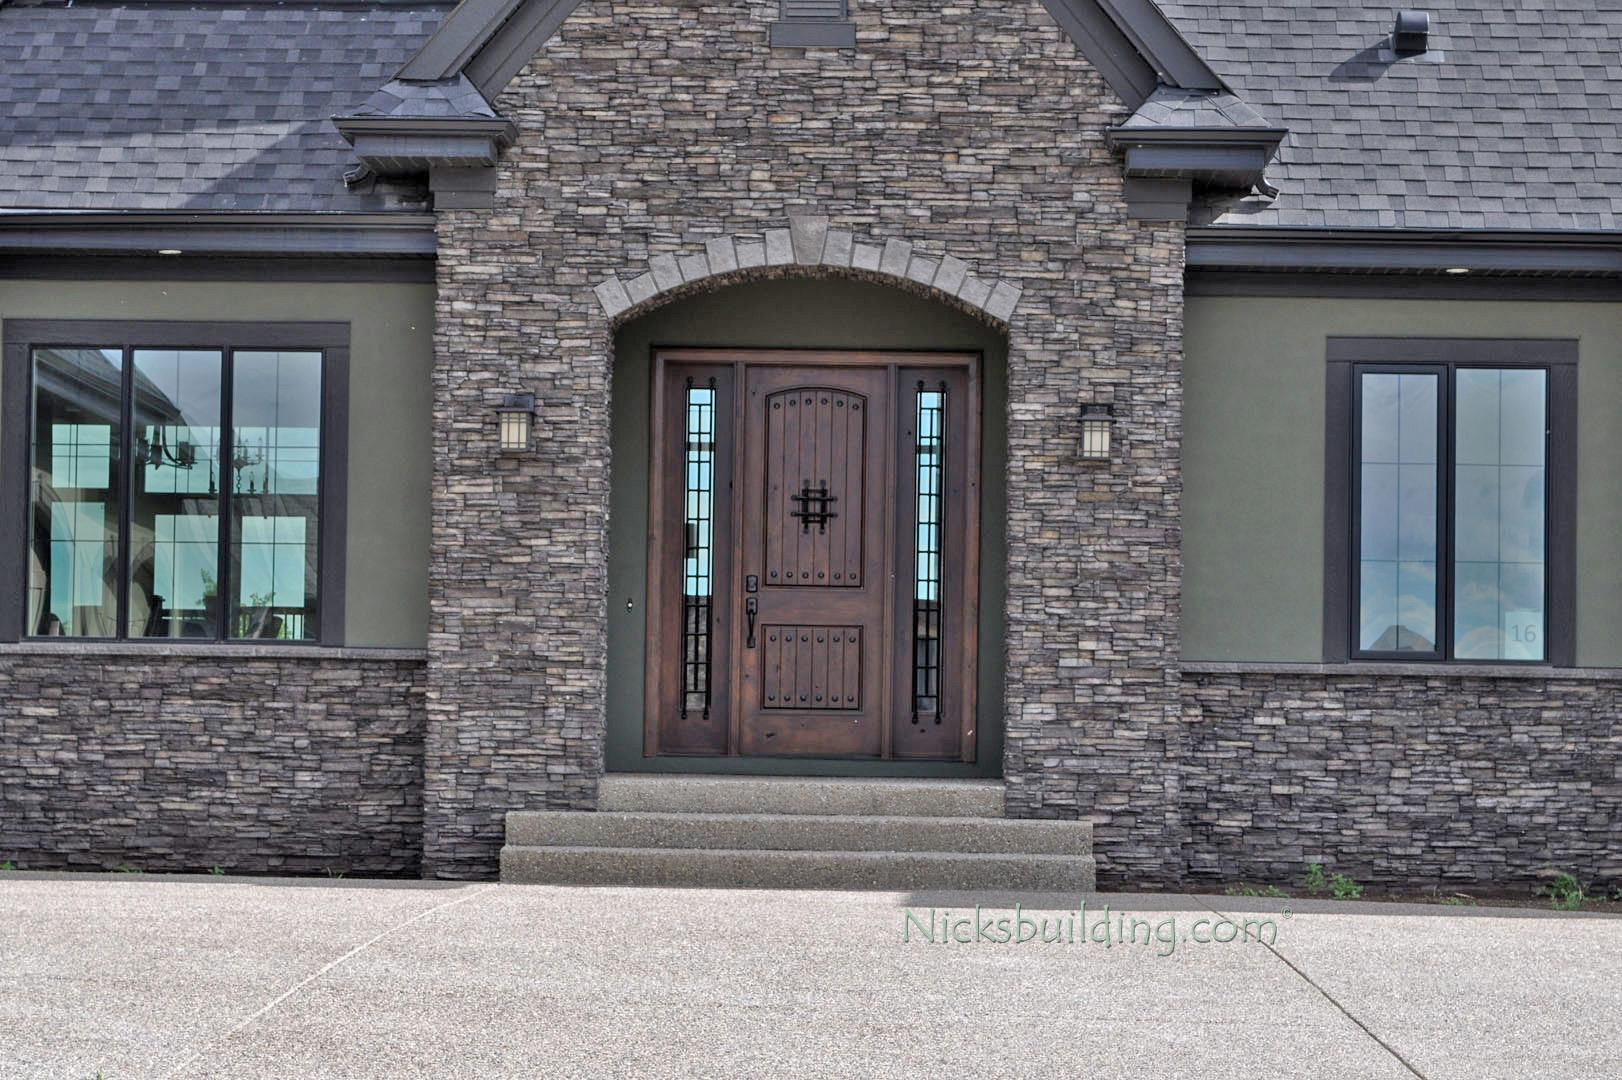 1080 #4A7B81 Rustic Doors Rustic Exterior Doors Installation Gallery picture/photo Exterior Rustic Doors 40391622